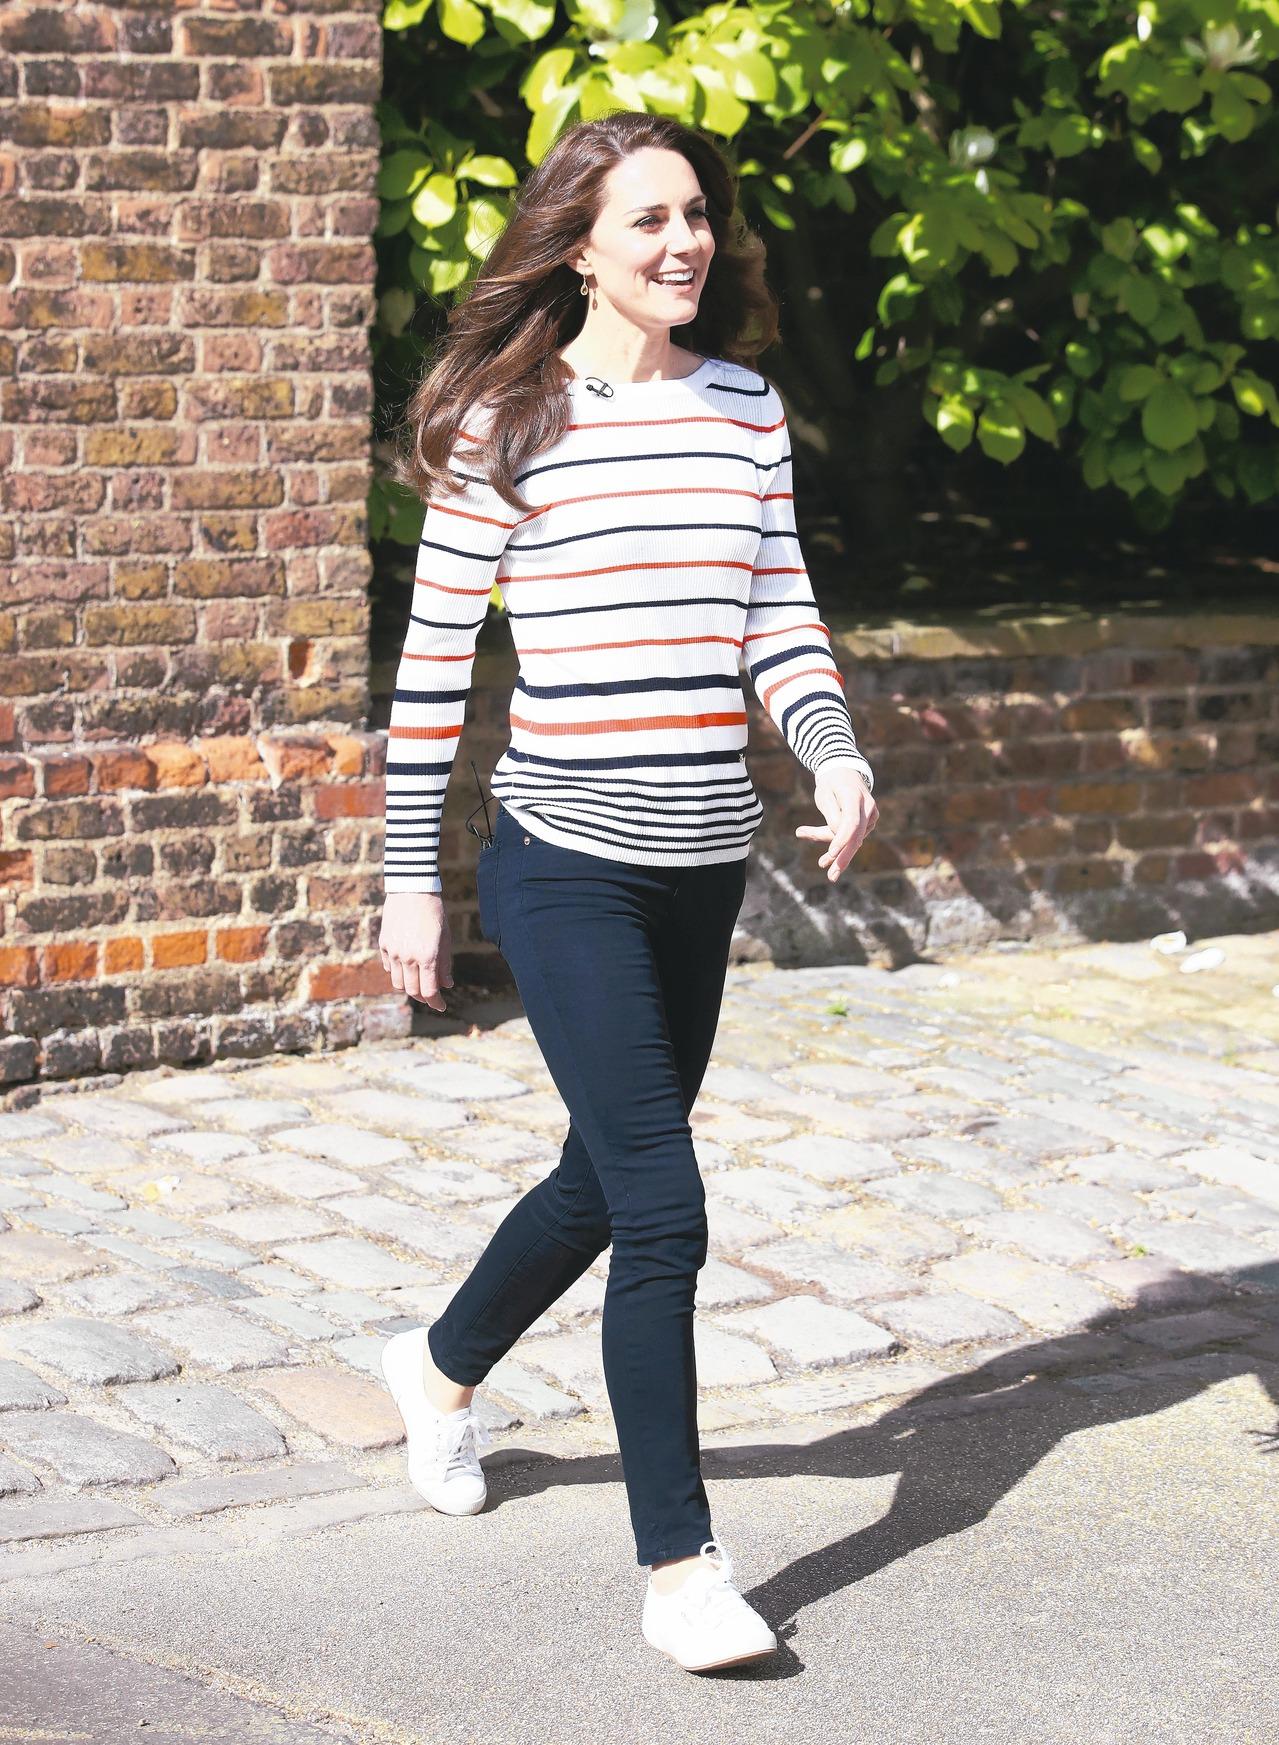 英國皇室成員凱特王妃是Superga帆布鞋的粉絲,多次穿著經典2750系列現身。